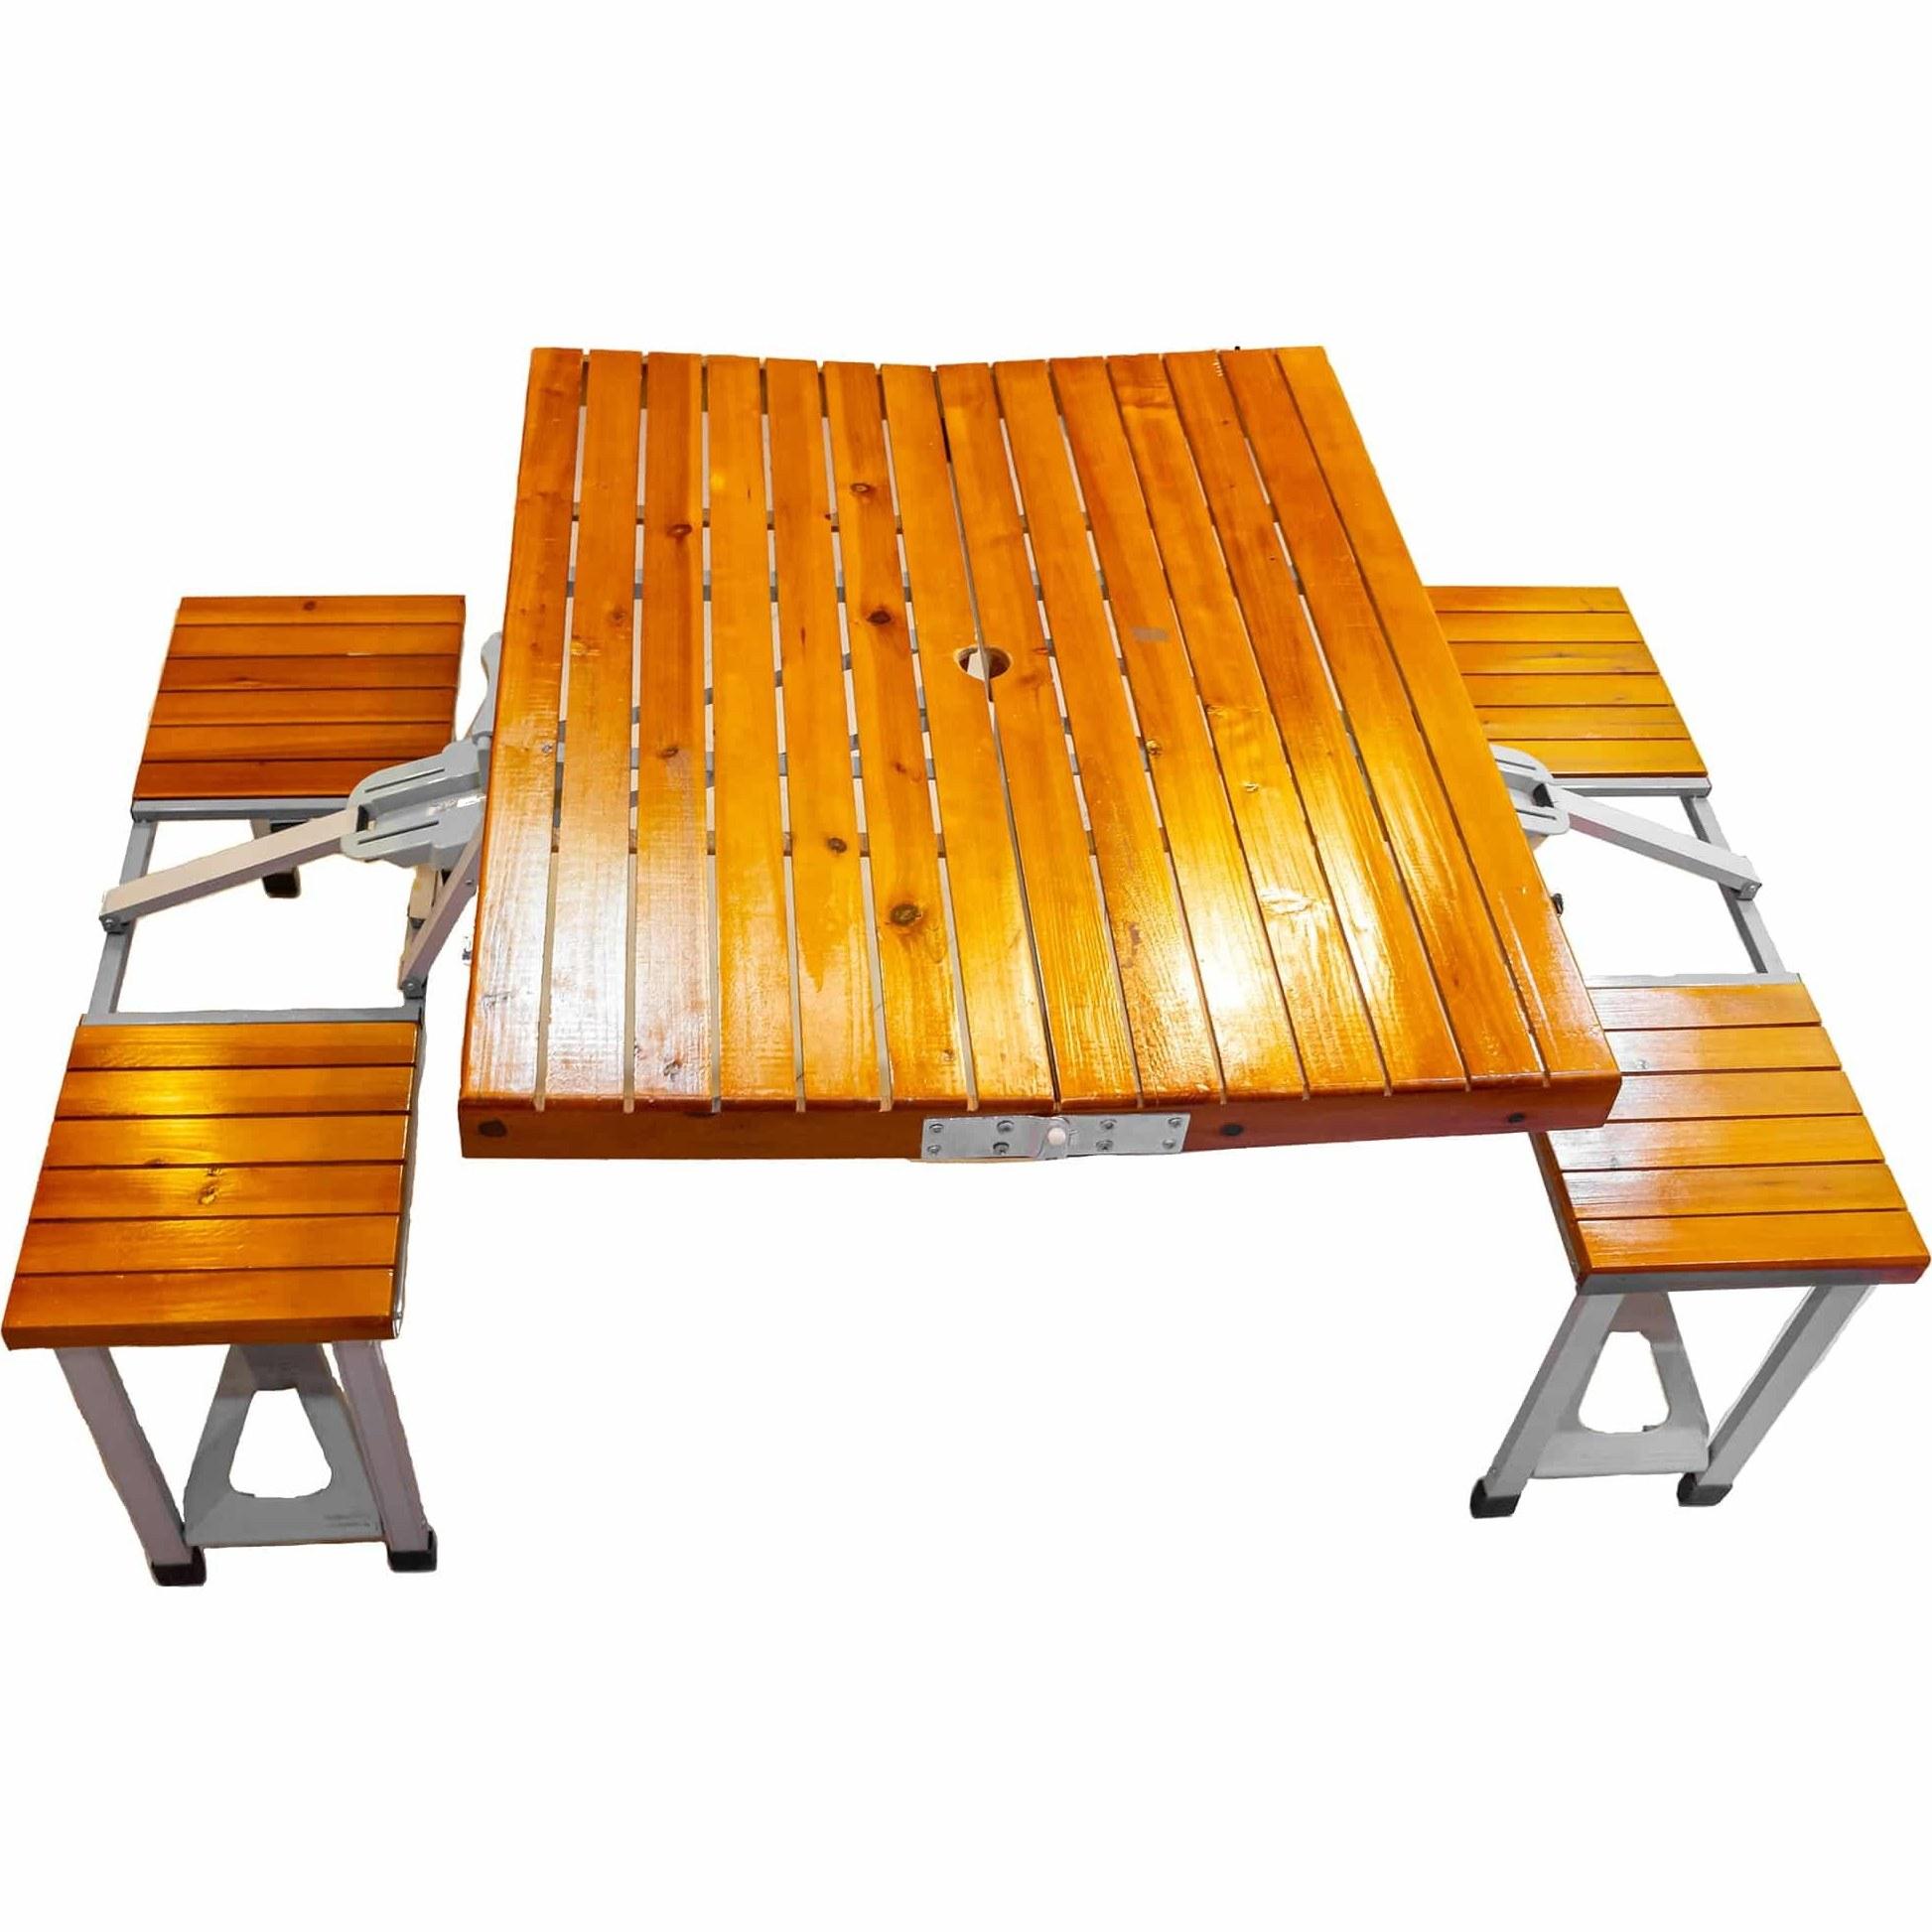 تصویر میز و صندلی سفری چهار نفره تمام چوب